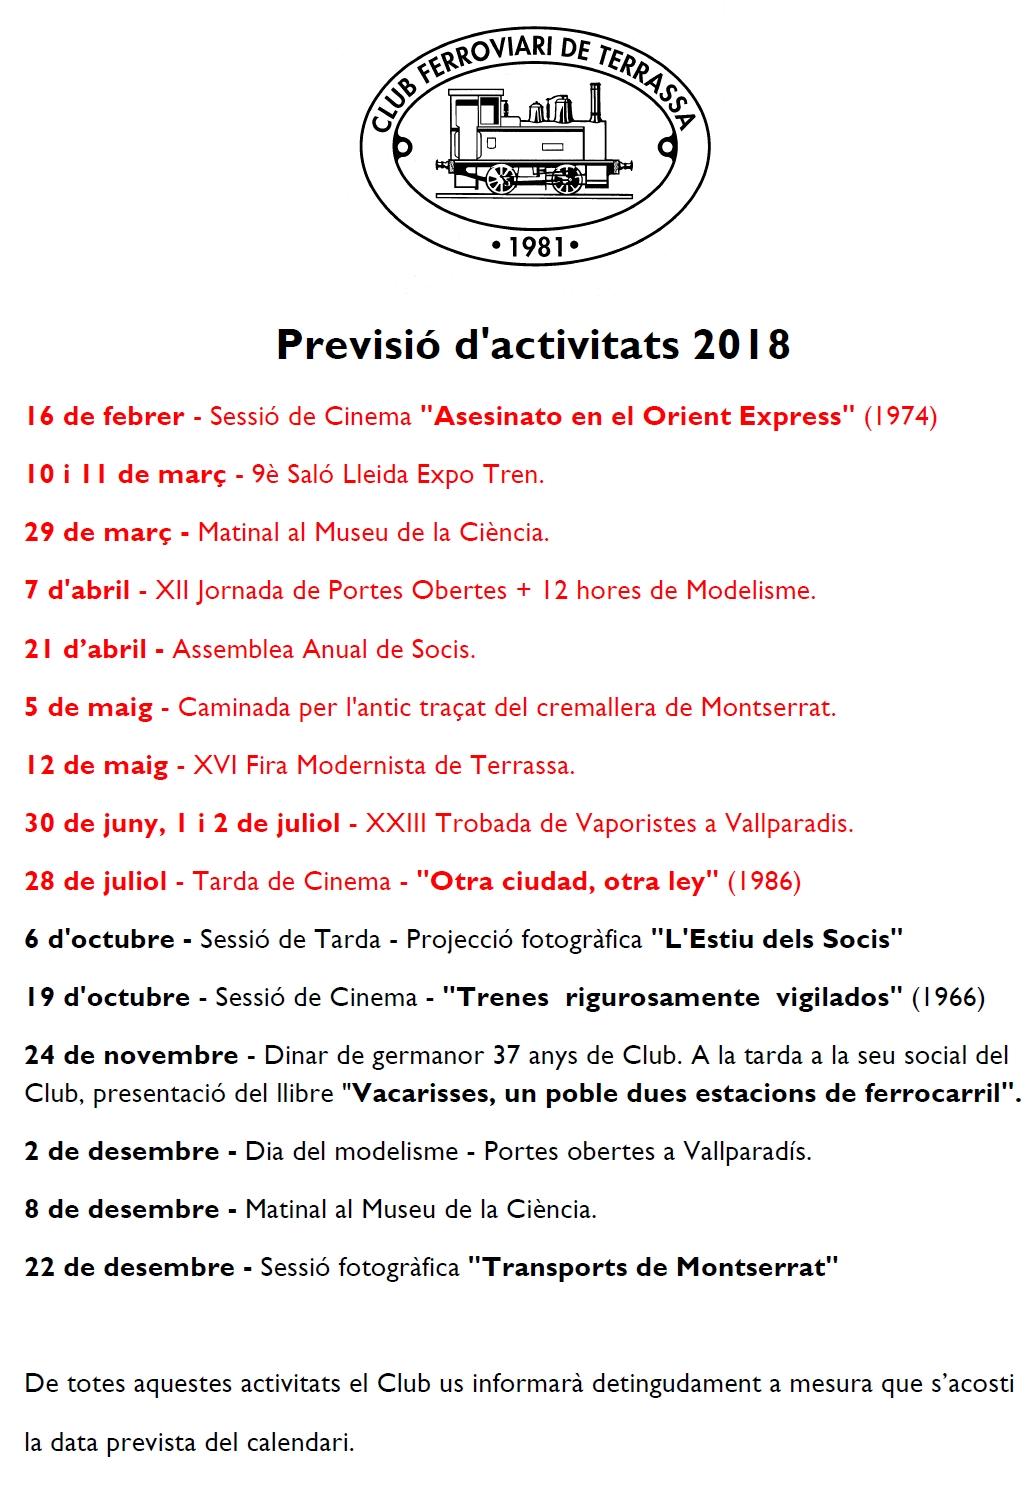 Previsió d'activitats - 5-OCT-2108